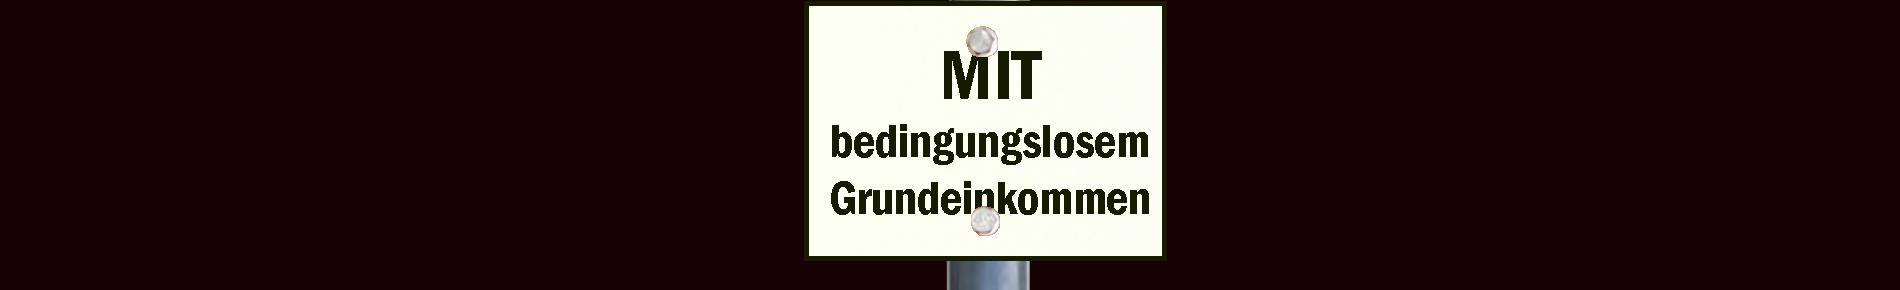 WW_MitBge